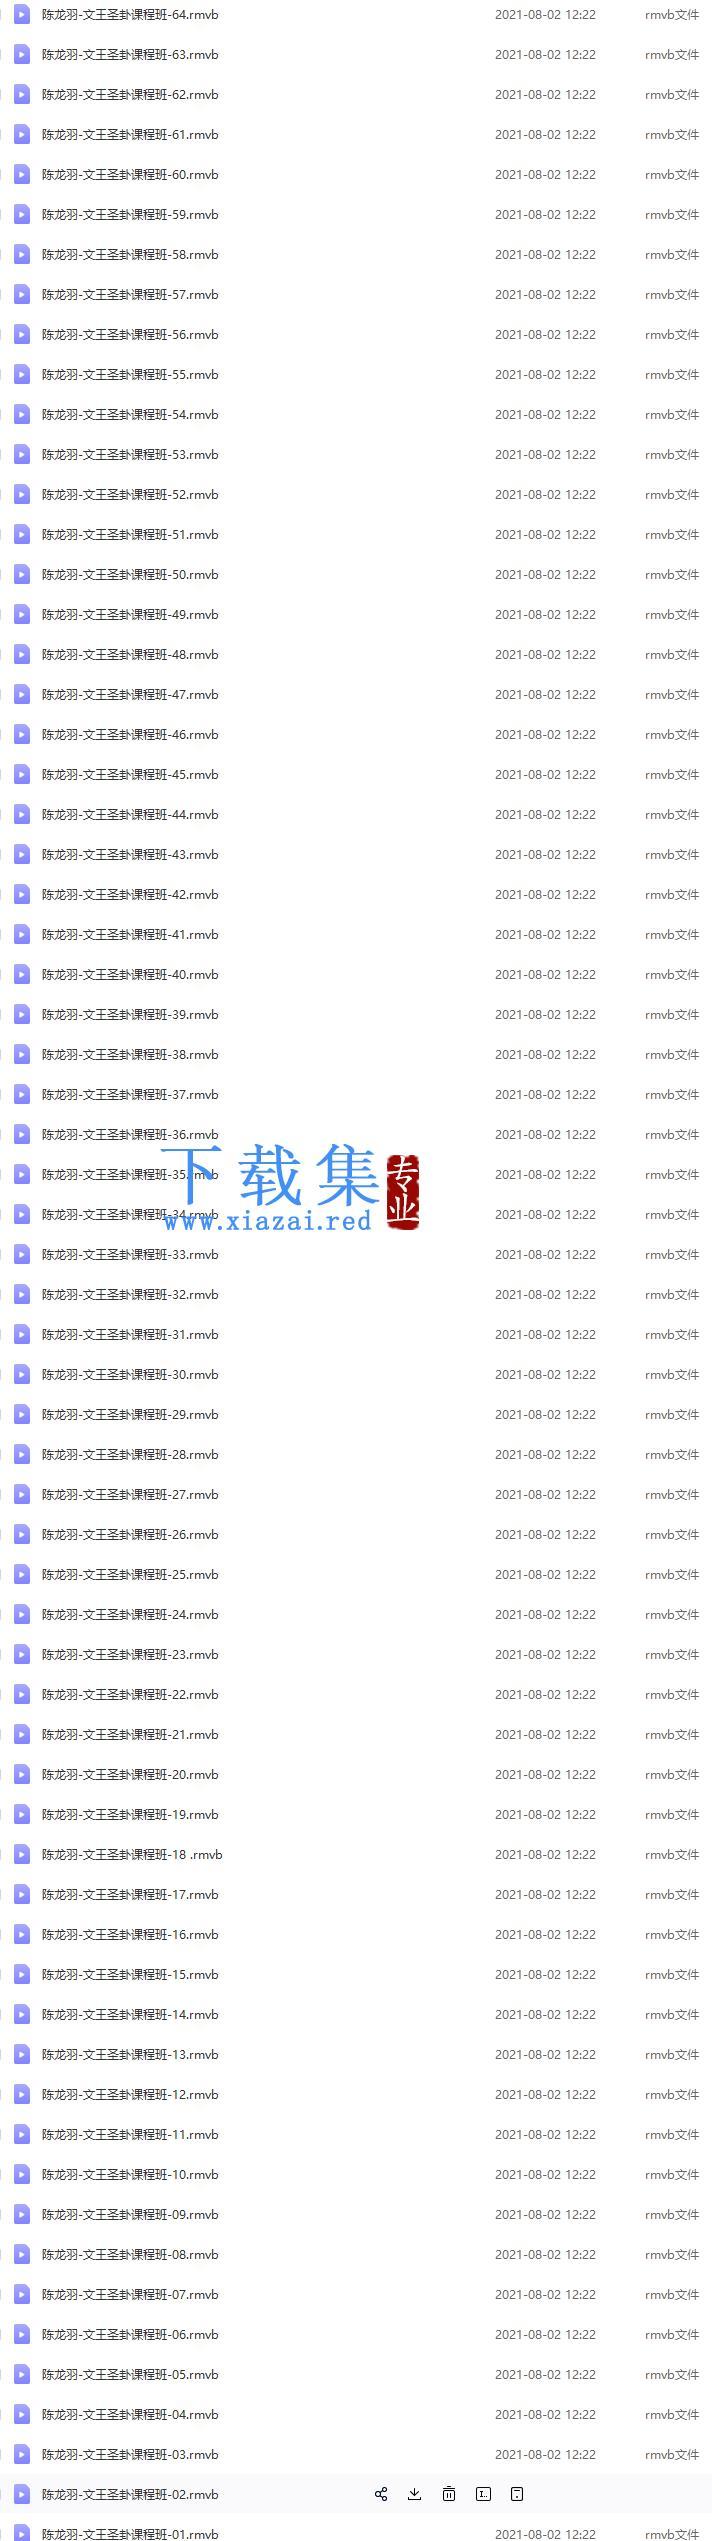 陈龙羽-文王圣卦课程班64讲